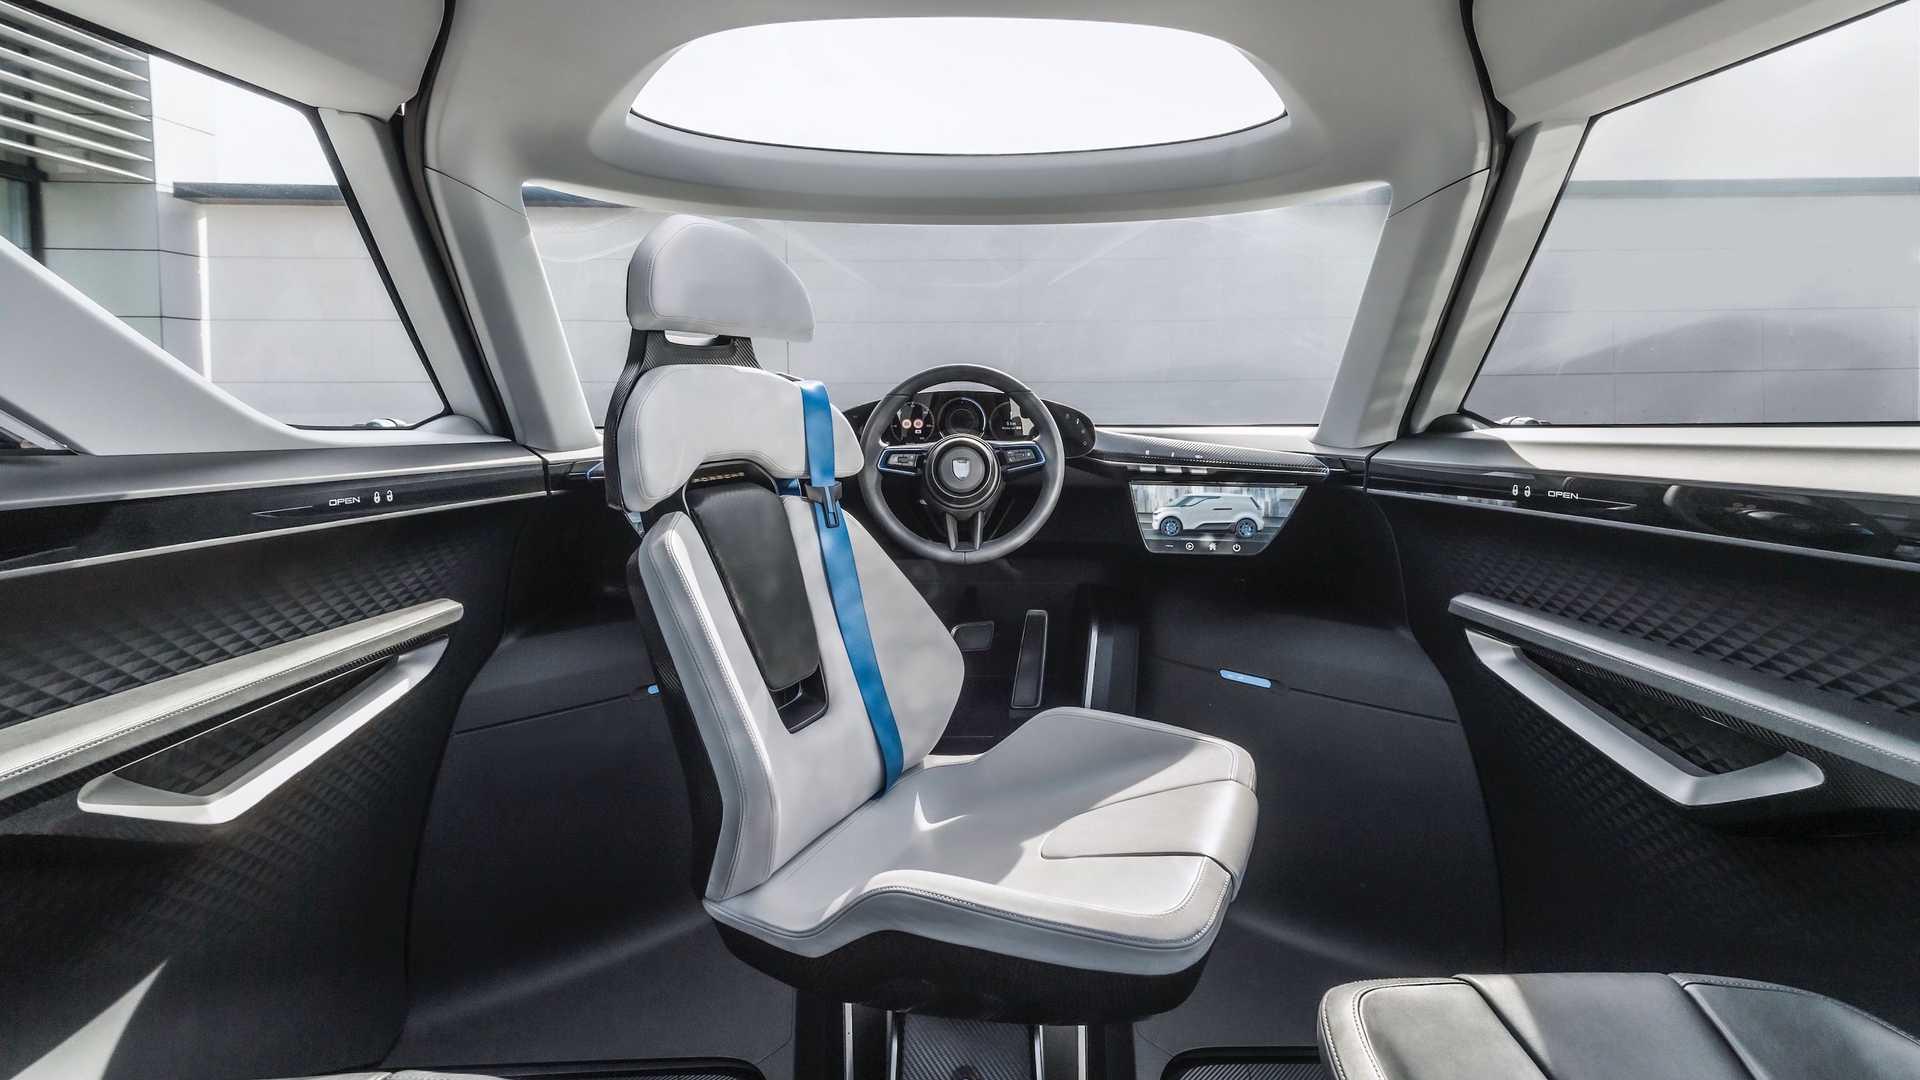 Porsche-Vision-Renndienst-concept-interior-6